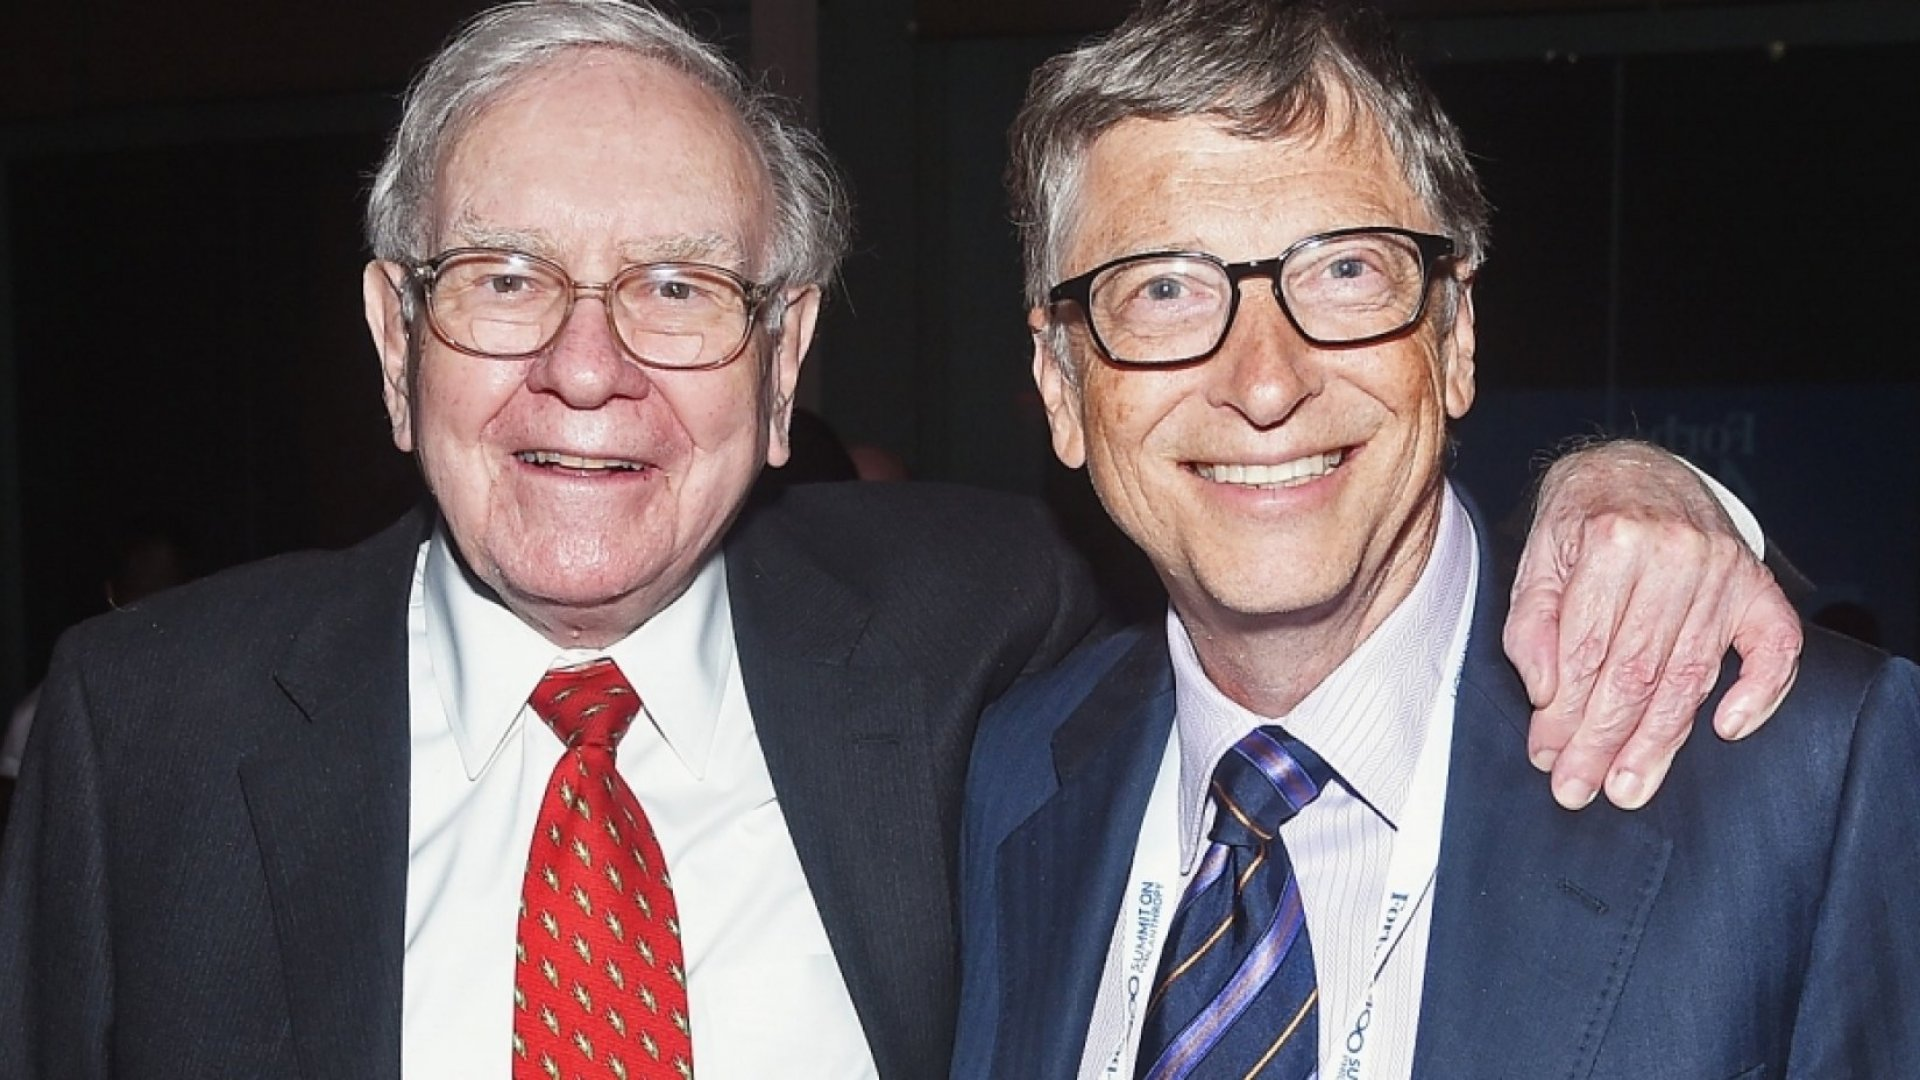 12 IncredibleTrue Christmas Stories Starring Warren Buffett, Bill Gates, Steve Jobs andElon Musk